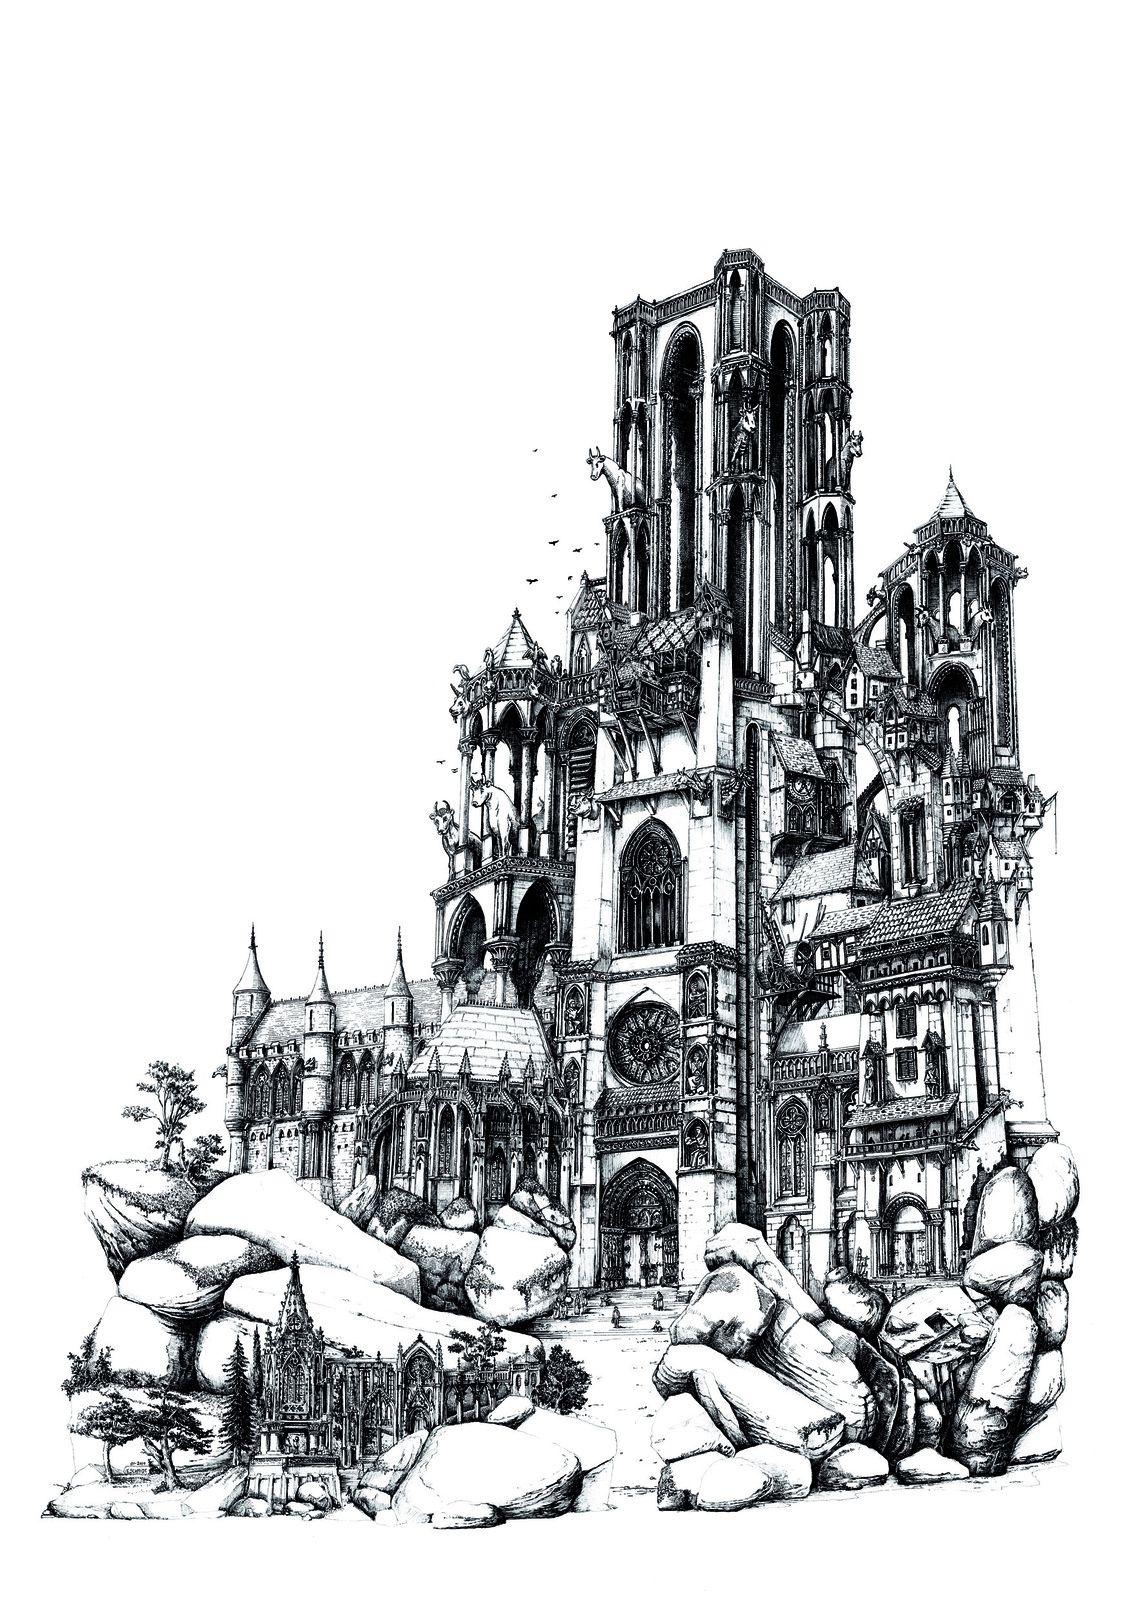 La cathédrale de Laon vue par l'artiste François Schmidt